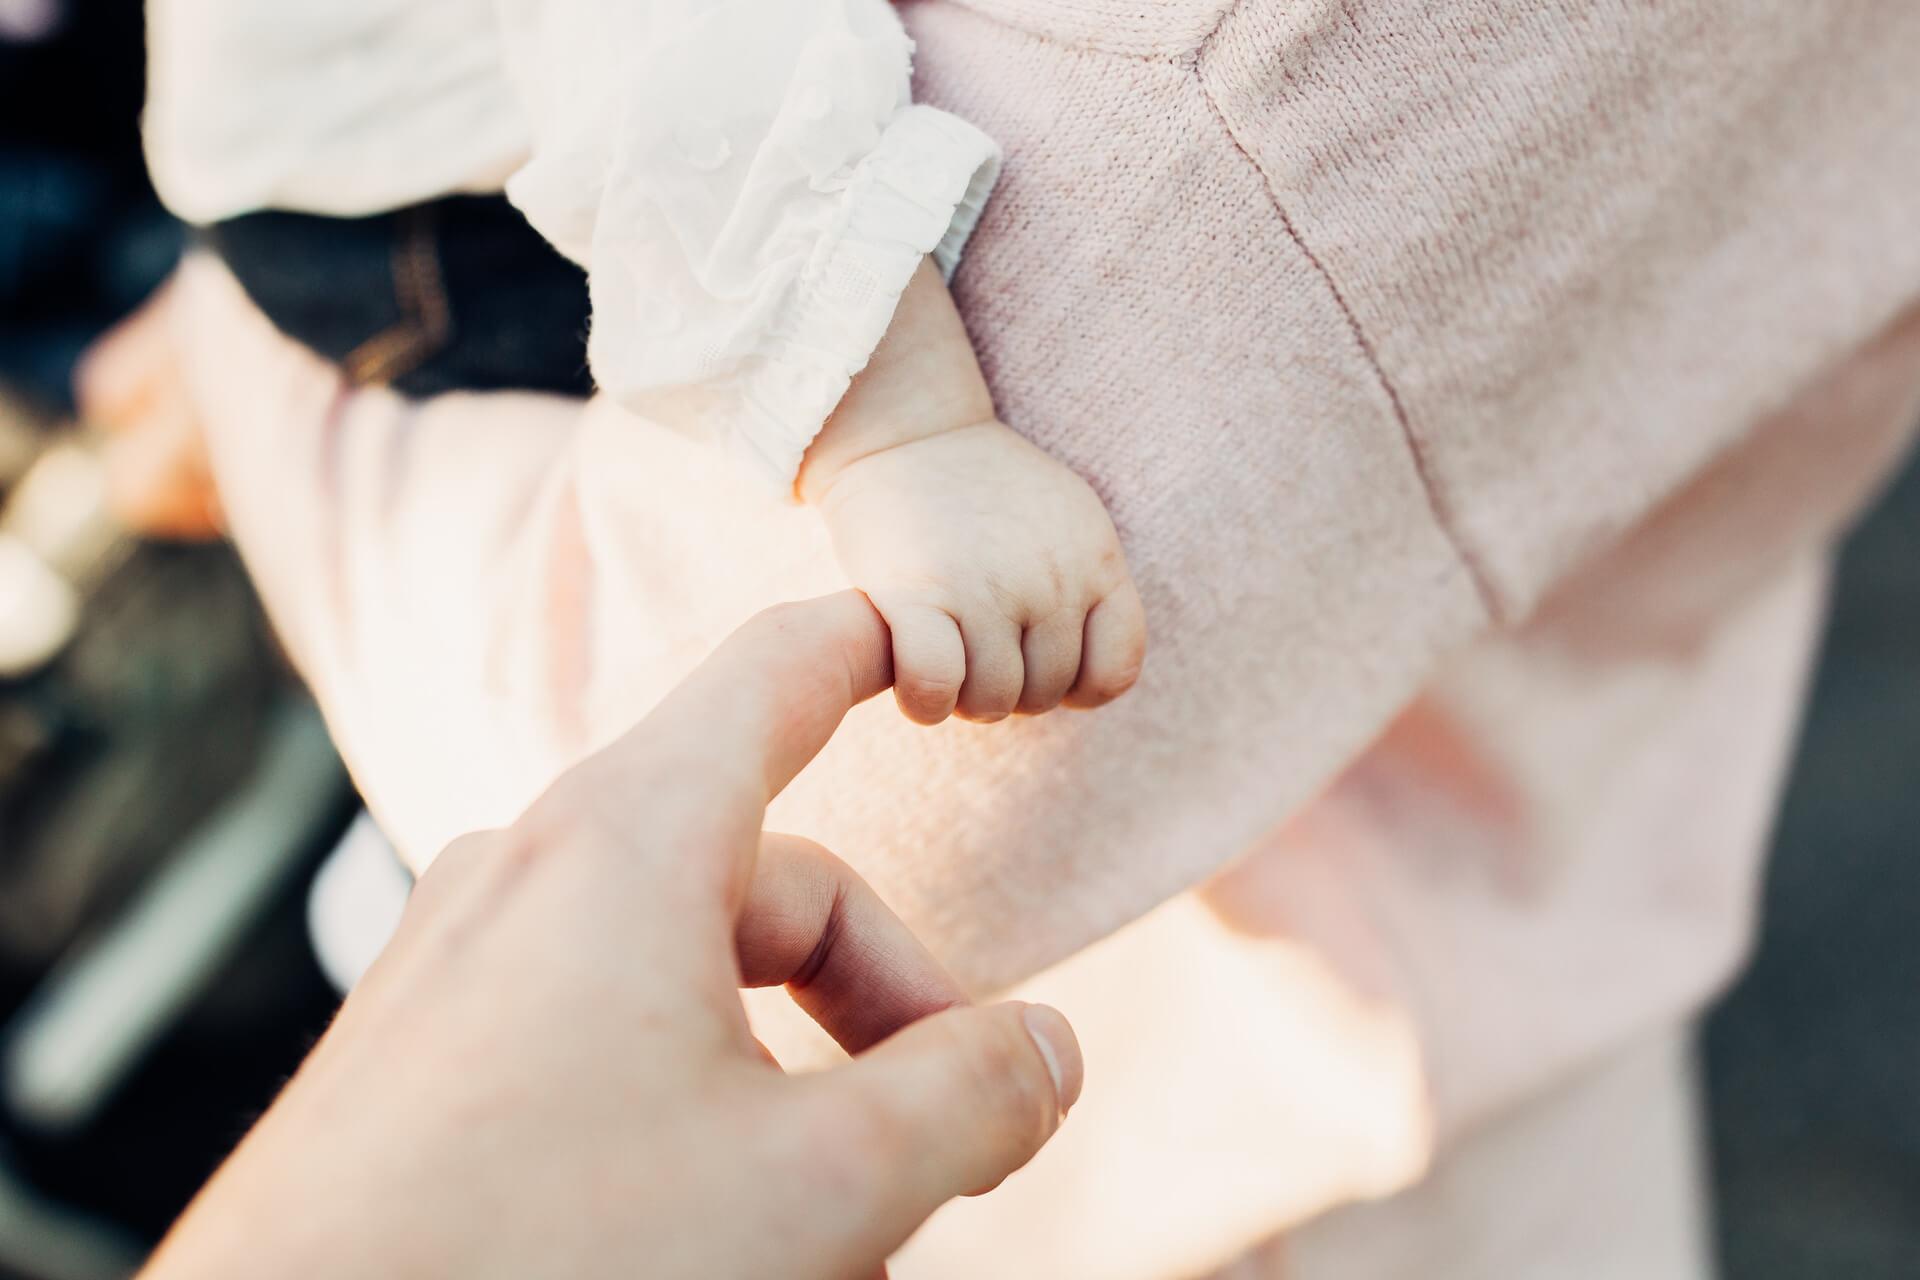 Reflexos do bebê